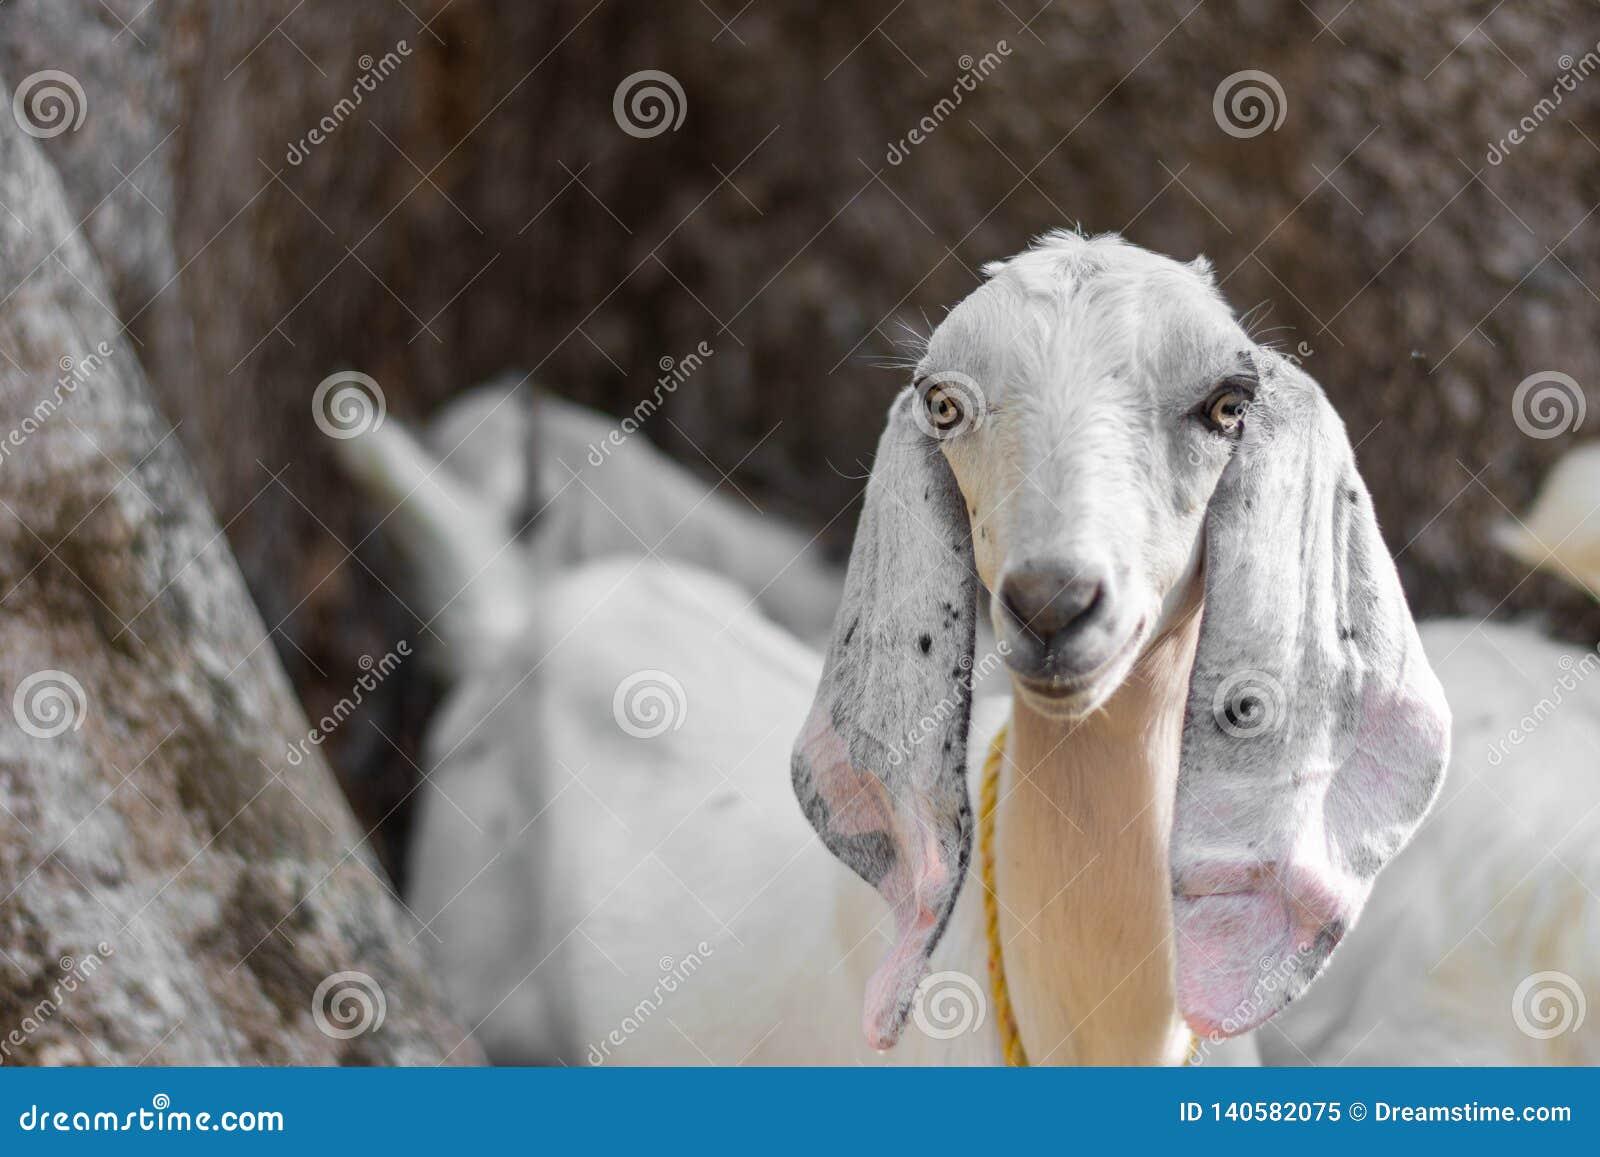 Kózka w indyjskim afrykaninie pasa w kraju z długimi ucho i futerko z odosobnionym tłem w obszarach trawiastych popieramy kogoś